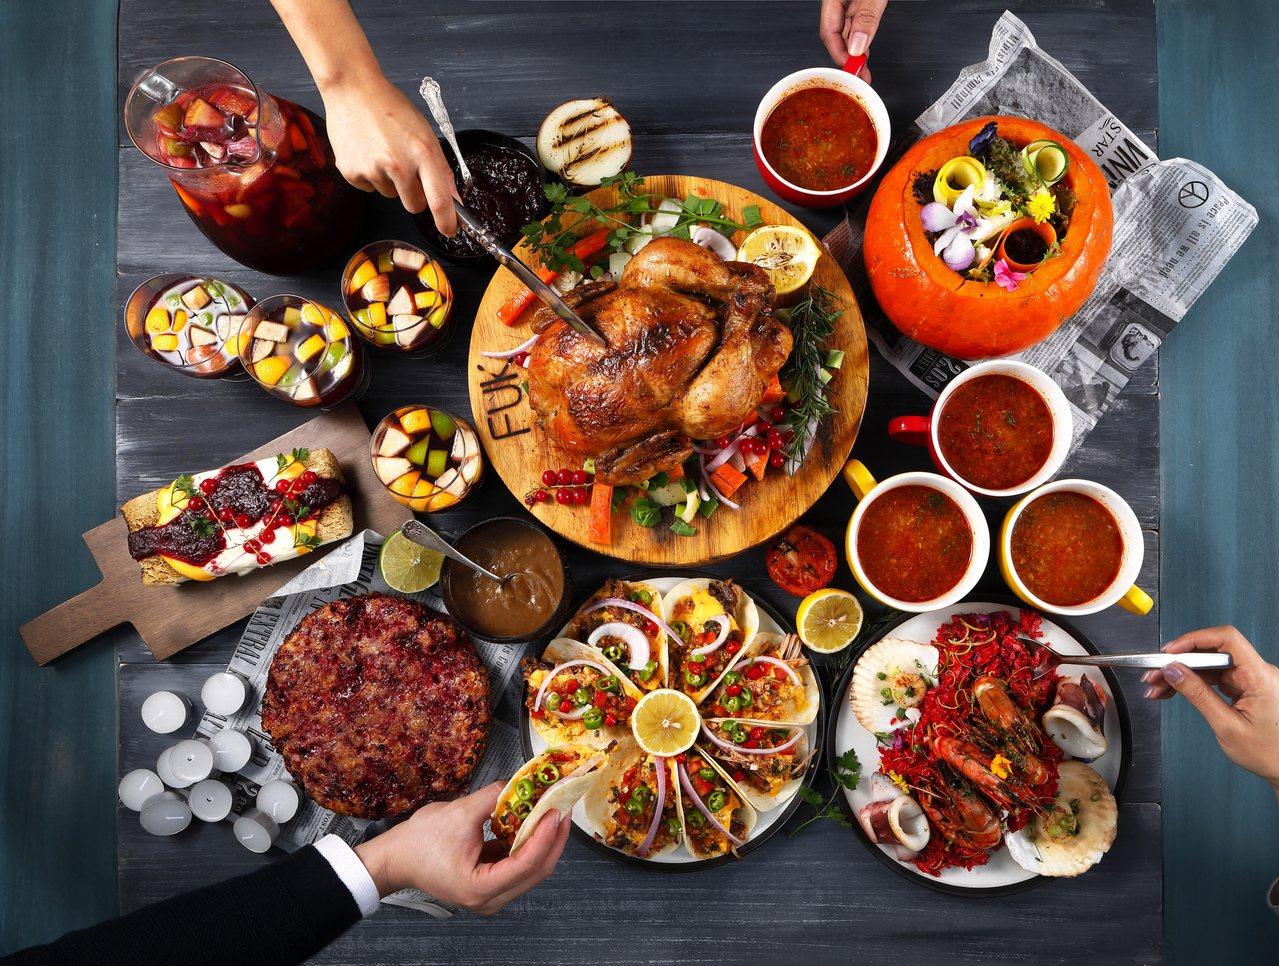 棧直火廚房推出多國料理風格的耶誕饗宴。圖/棧直火廚房提供